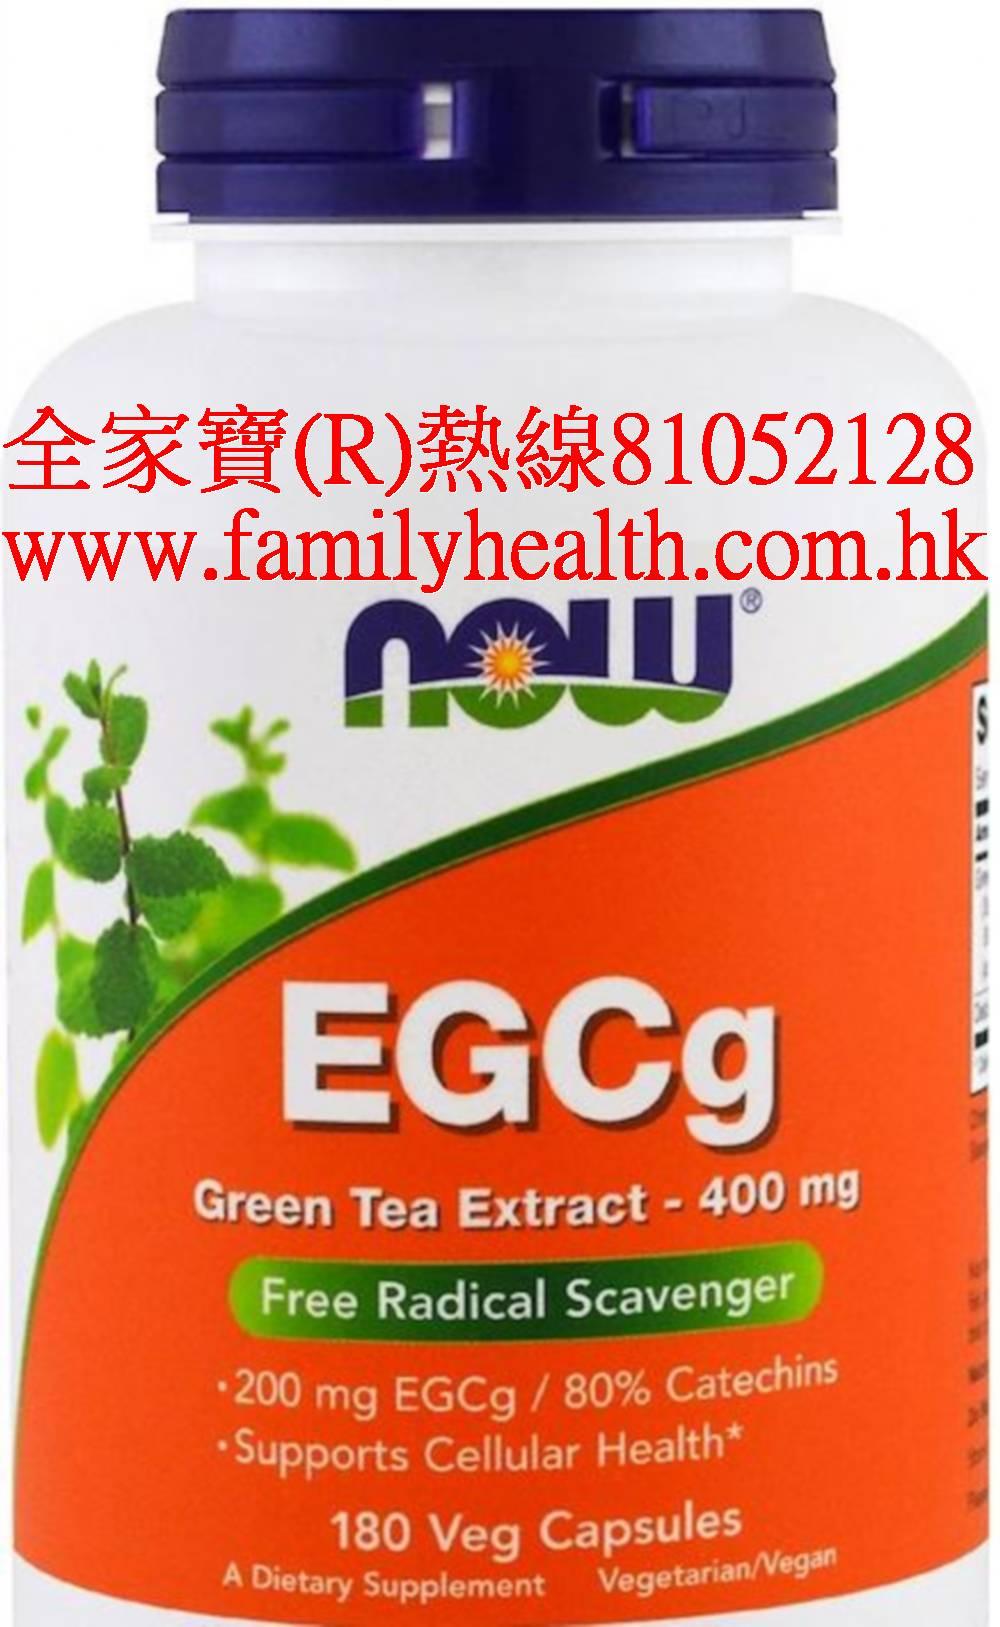 http://www.familyhealth.com.hk/files/full/1152_0.jpg